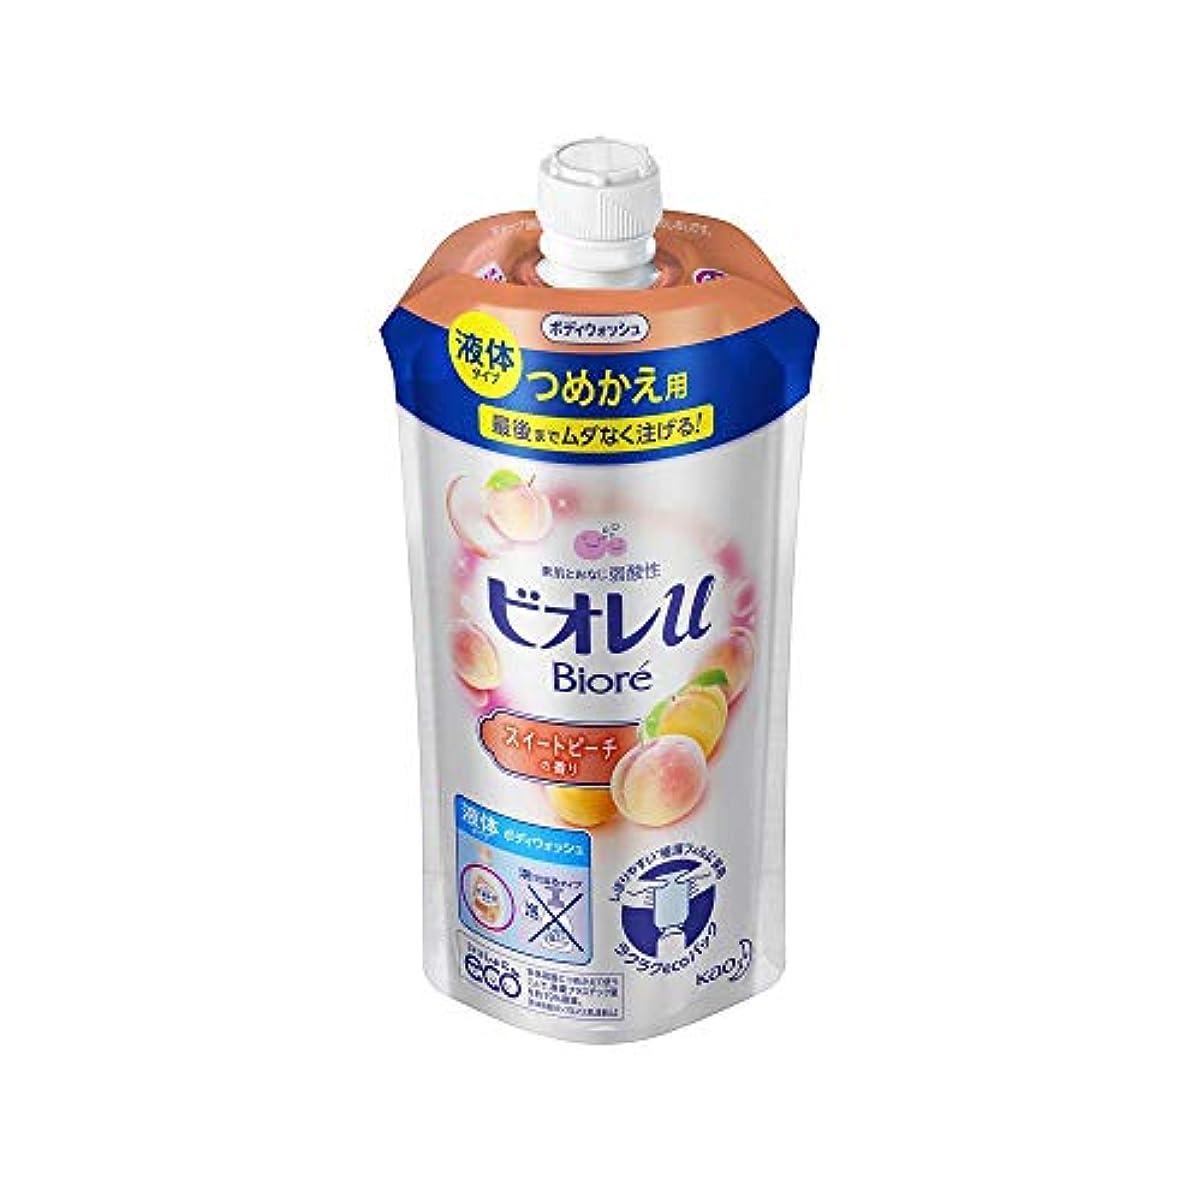 ガチョウファイナンスモート花王 ビオレu スイートピーチの香りつめかえ用 340ML